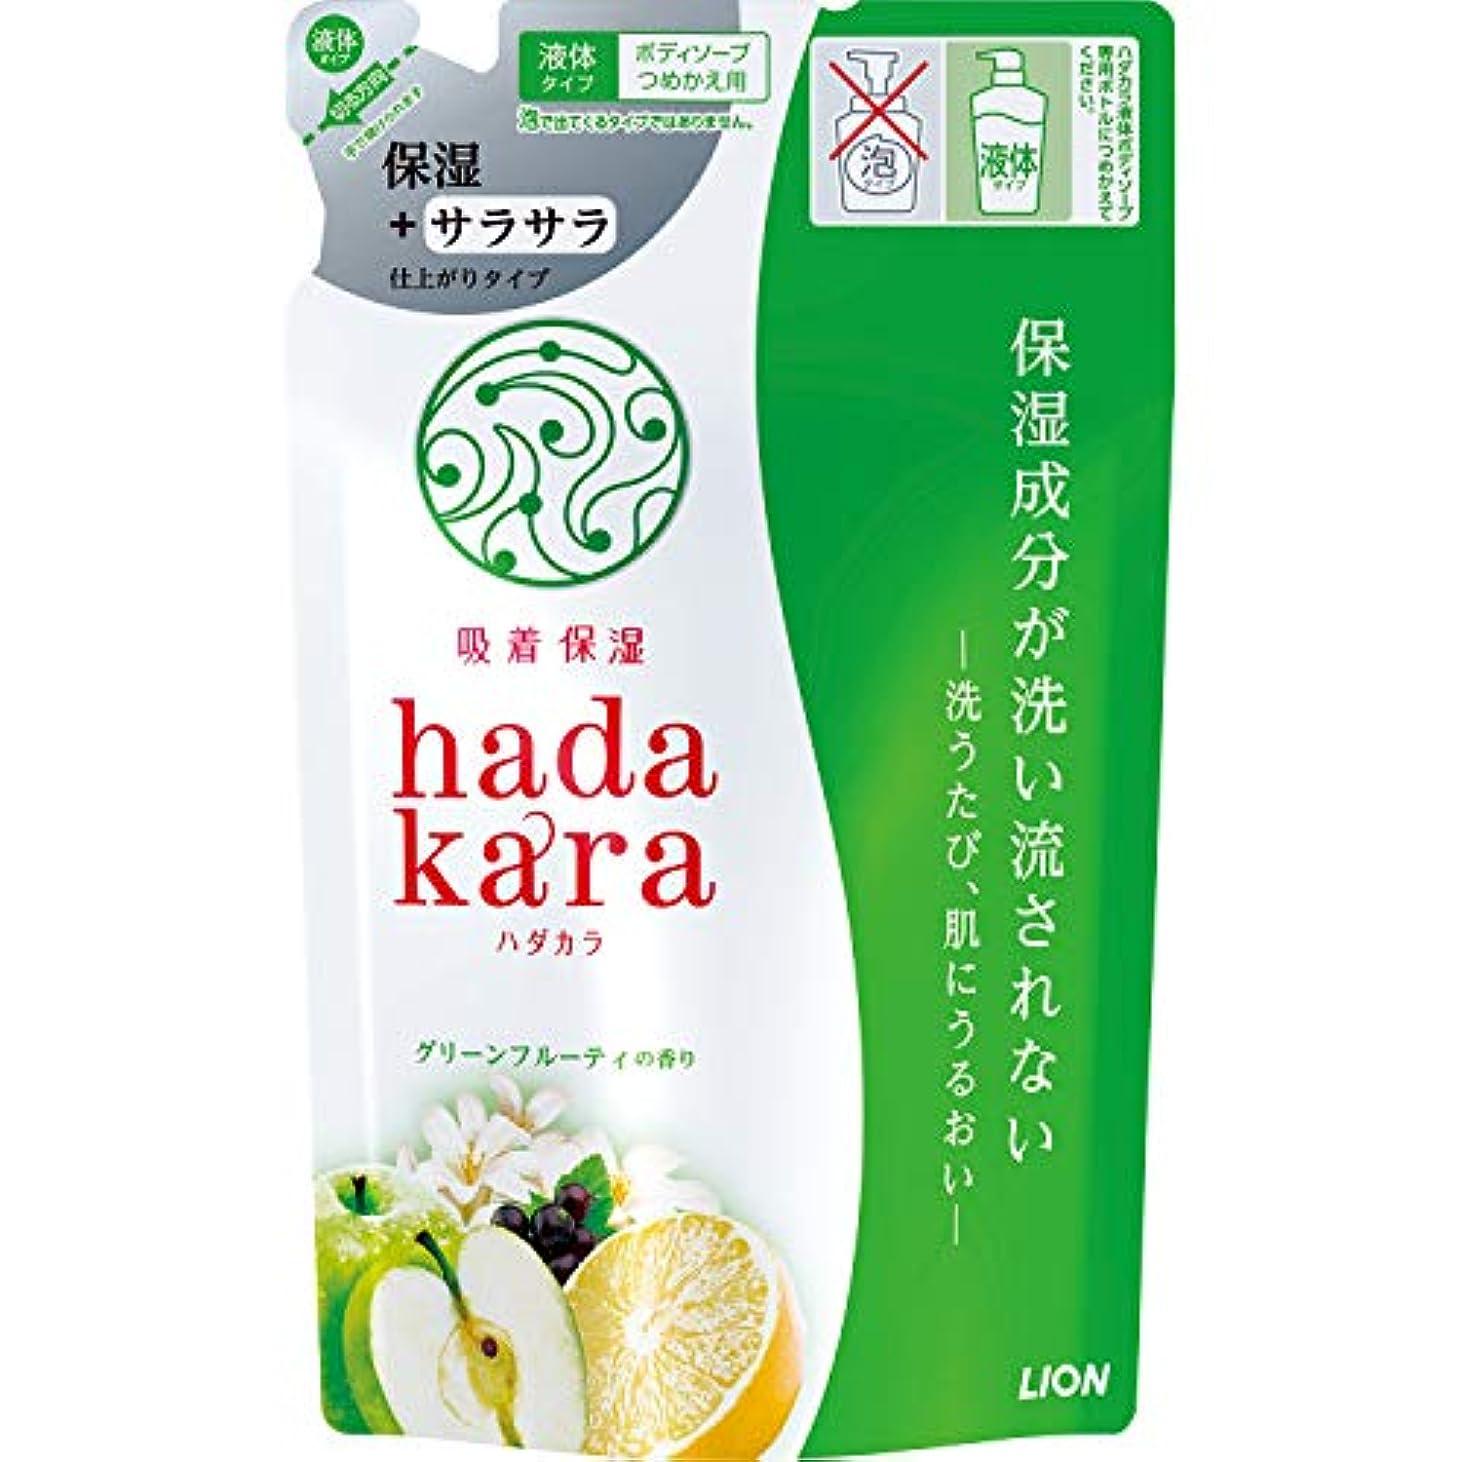 環境保護主義者シダ通知hadakara(ハダカラ) ボディソープ 保湿+サラサラ仕上がりタイプ グリーンフルーティの香り 詰め替え 340ml